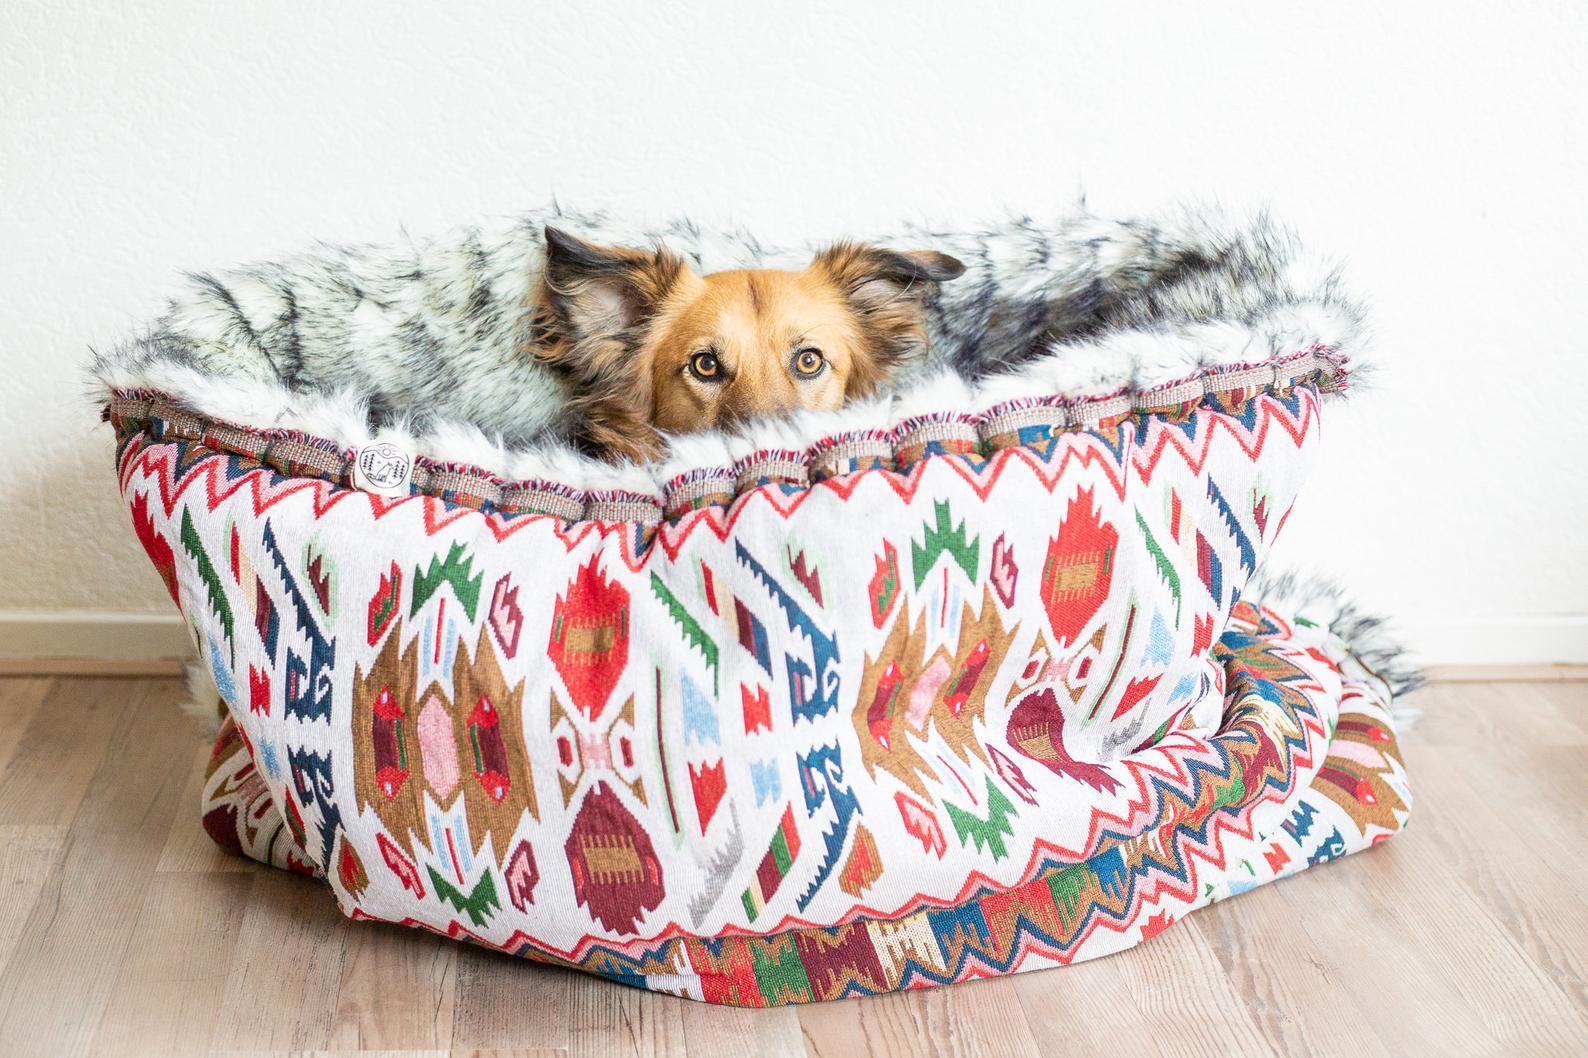 Transport hundesovepose i lækker kvalitet og håndlavet